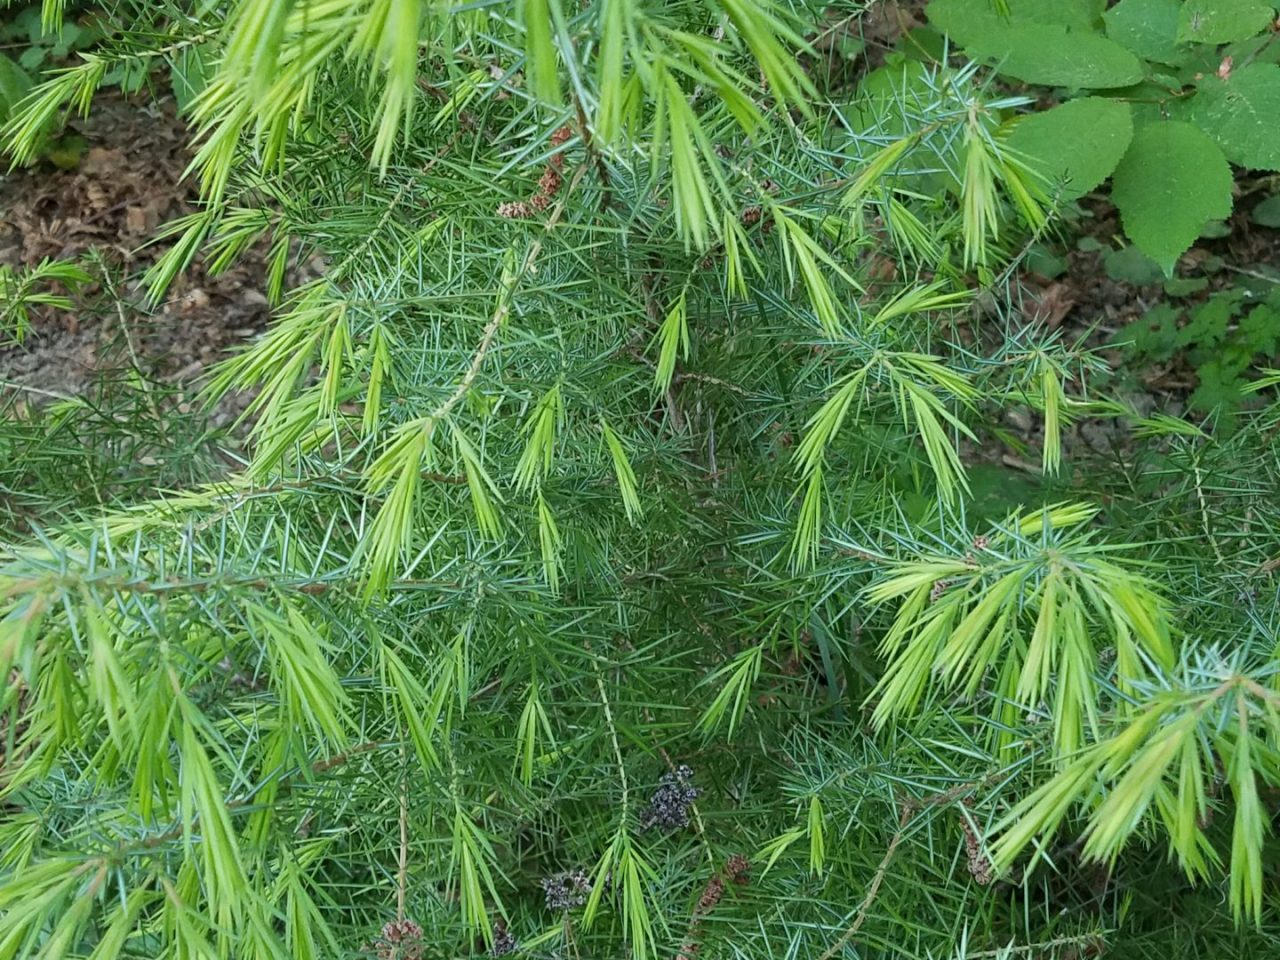 Pflanze12 Trumpf